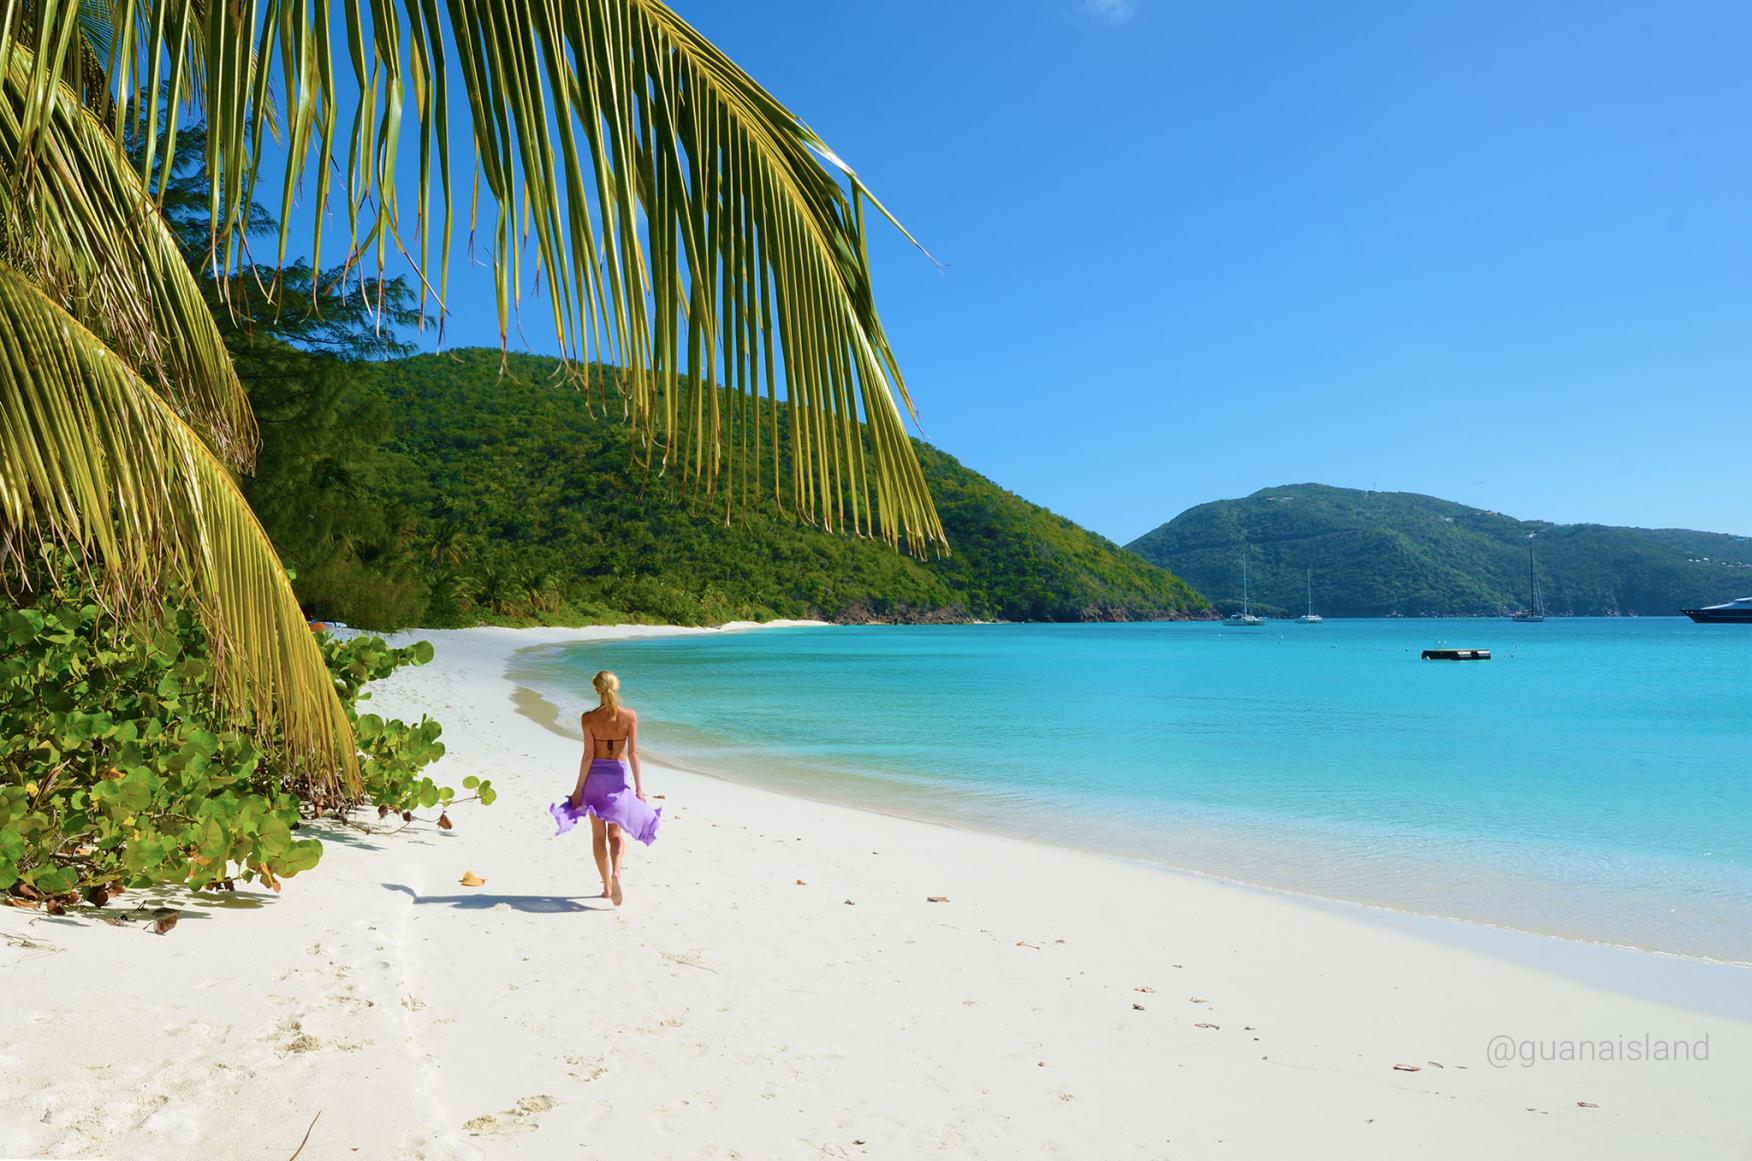 guanaisland_white-sand-beach